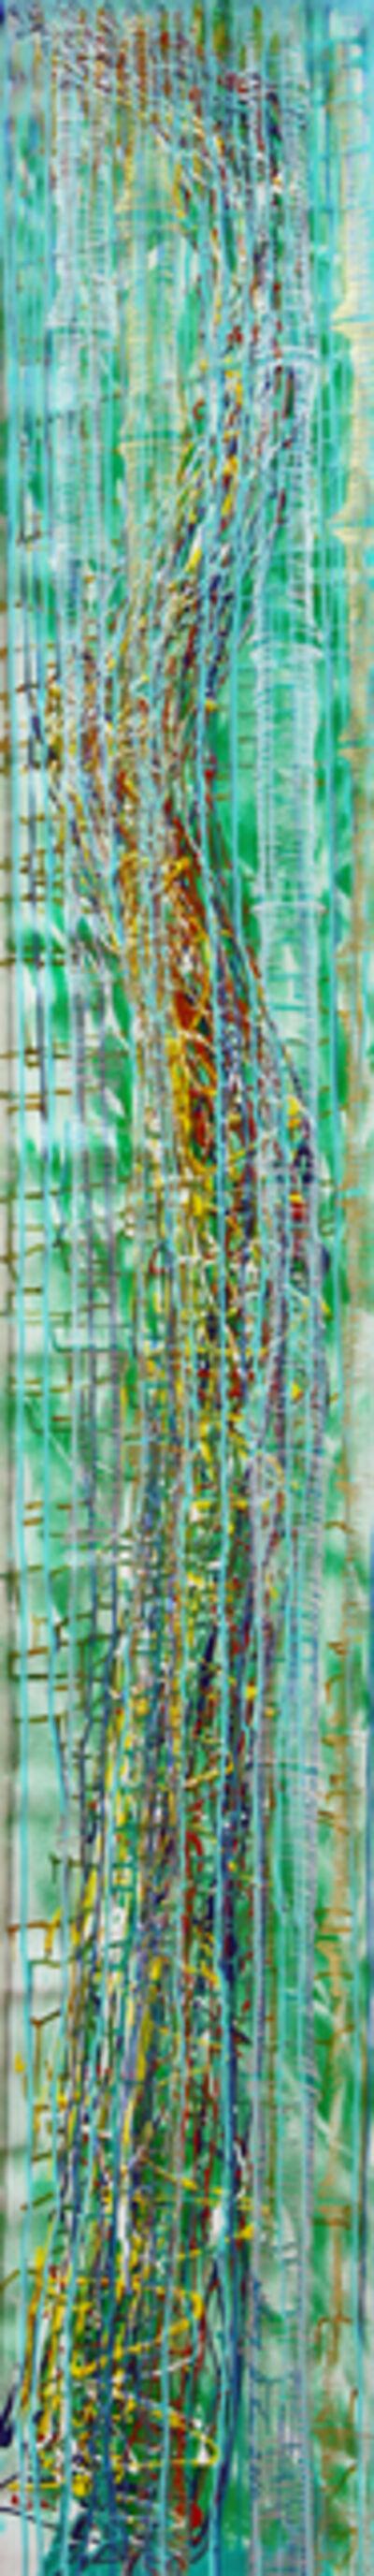 Seung Lee, 'Hanbok Pine', 2016